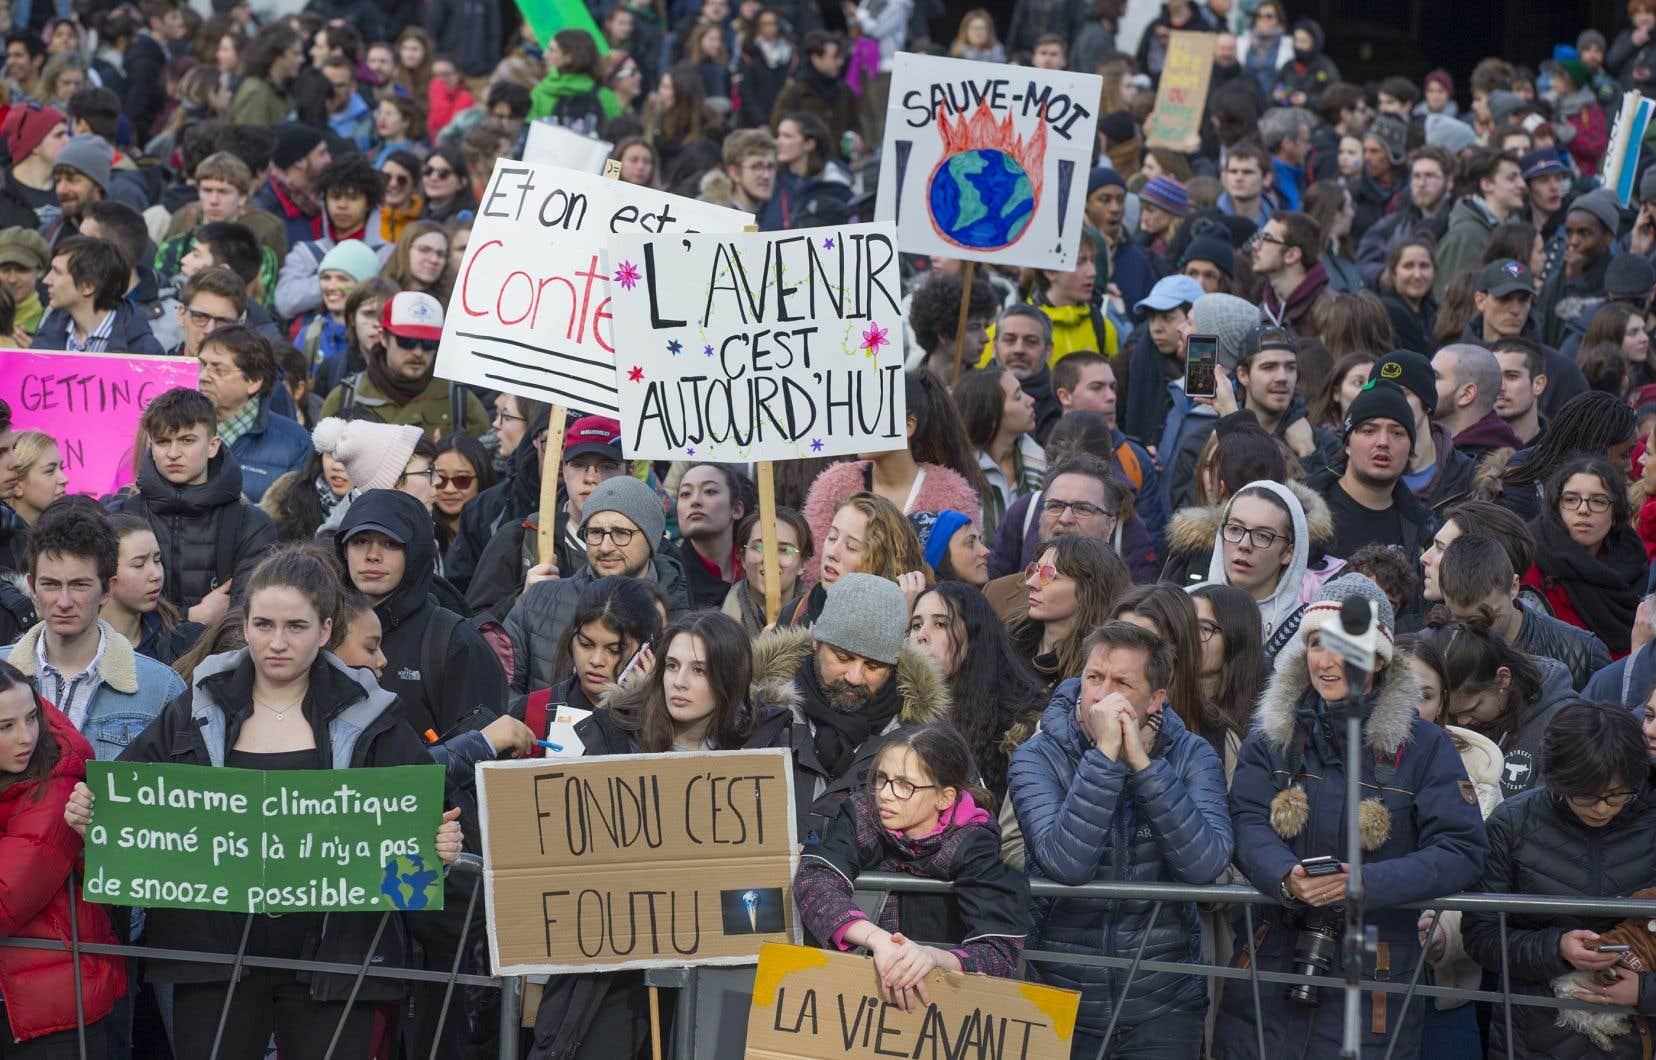 Les étudiants ont manifesté pour le climat le 15 avril 2019